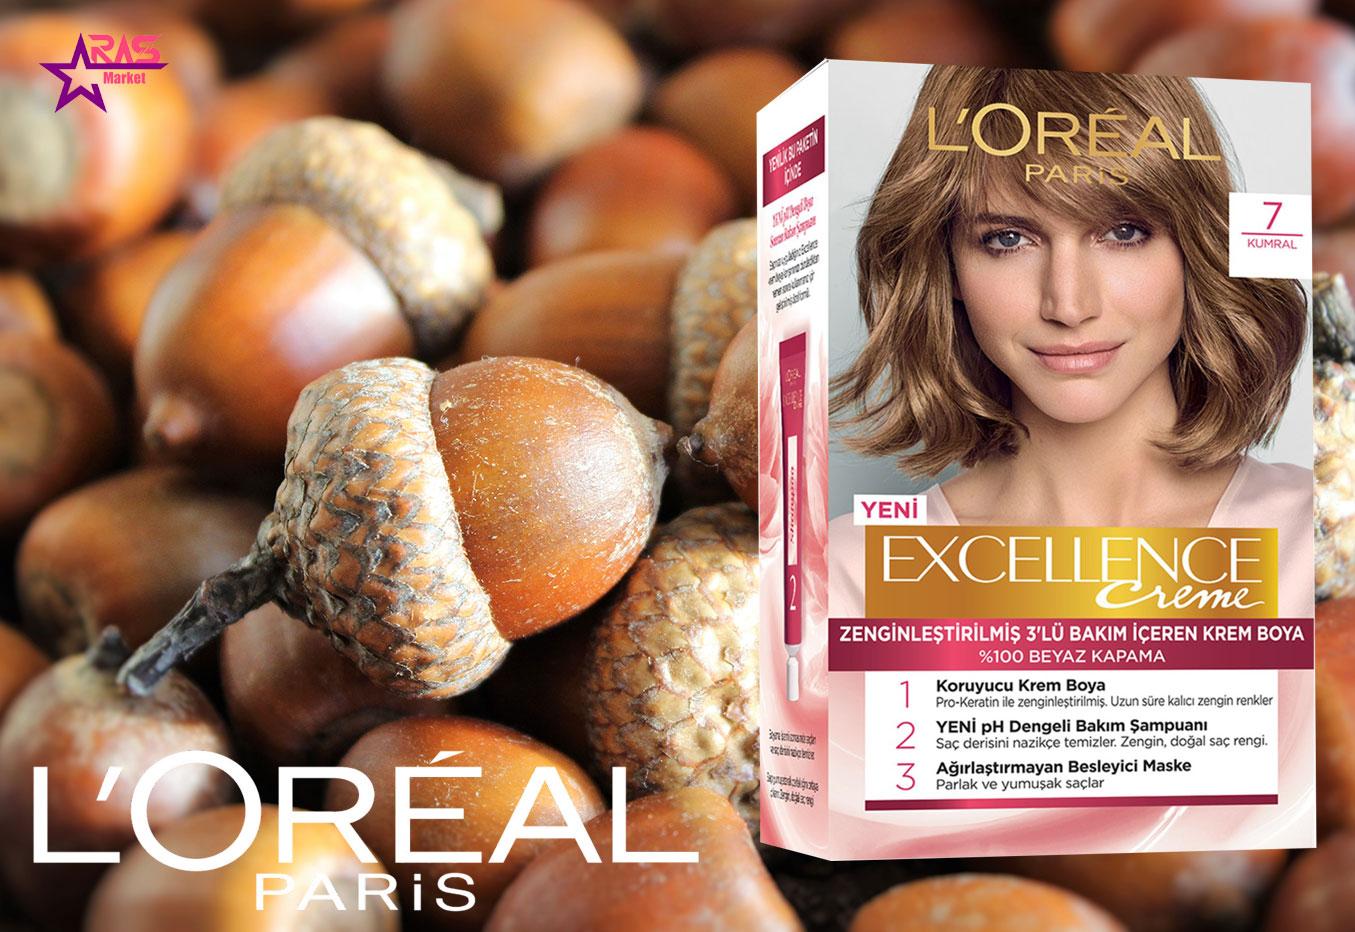 کیت رنگ مو لورآل سری Excellence شماره 7 ، خرید اینترنتی محصولات شوینده و بهداشتی ، بهداشت بانوان